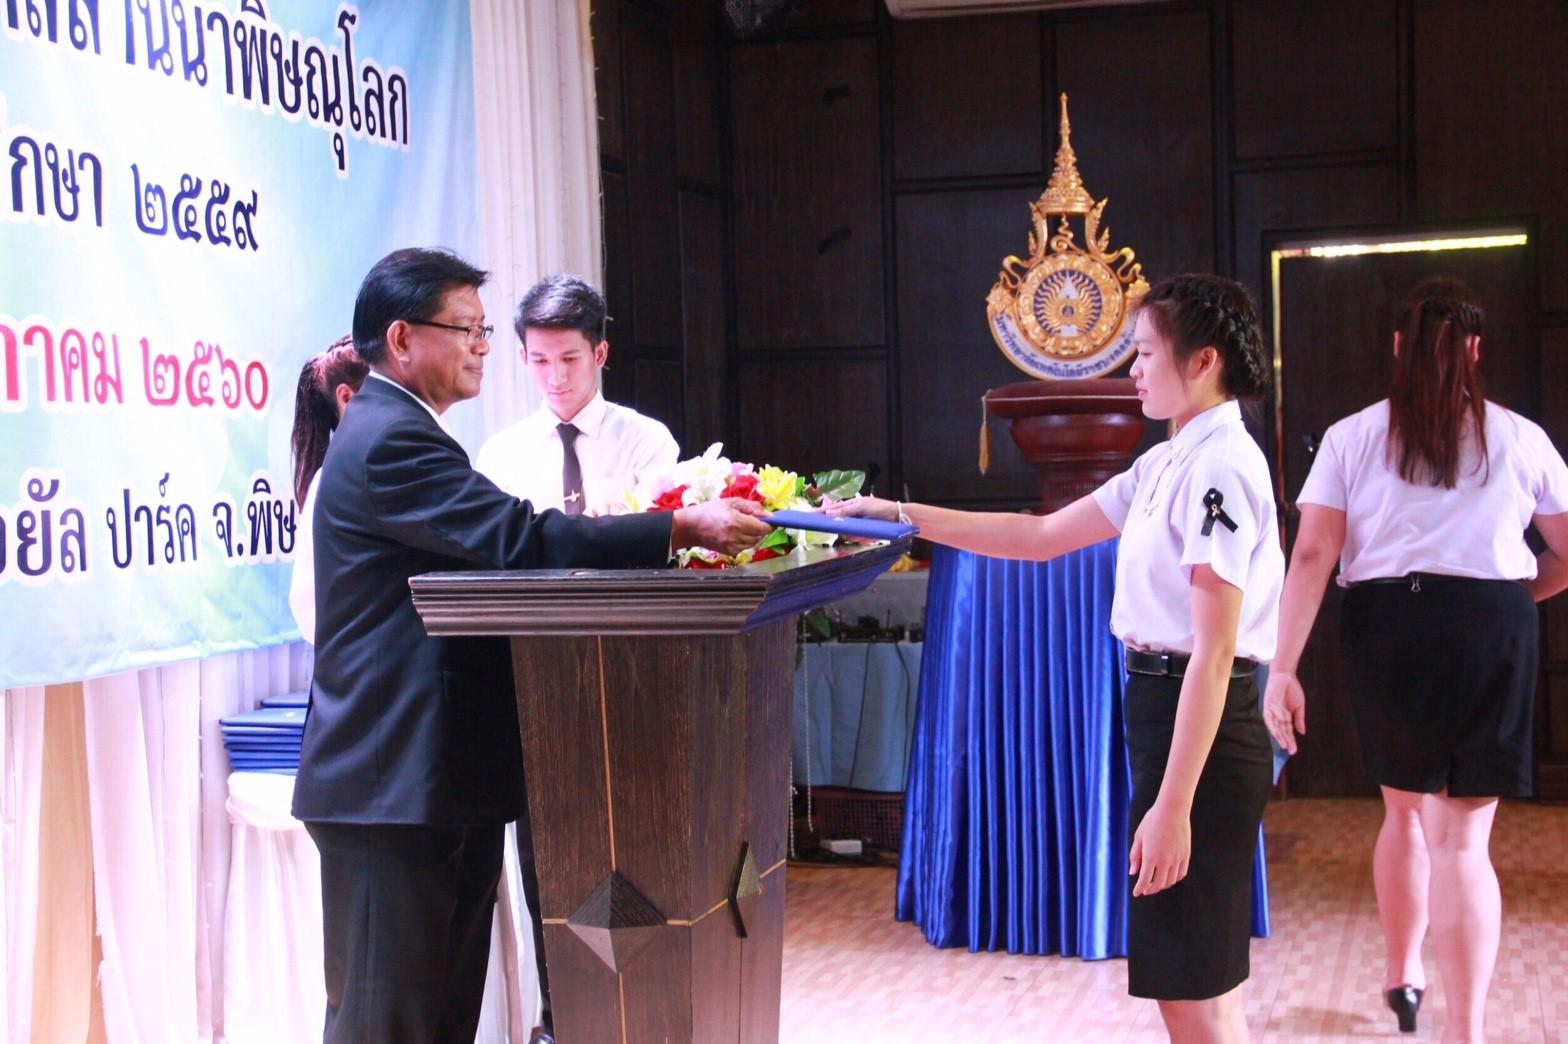 การปัจฉิมนิเทศนักศึกษา แก่ผู้สำเร็จการศึกษา ประจำปีการศึกษา 2559